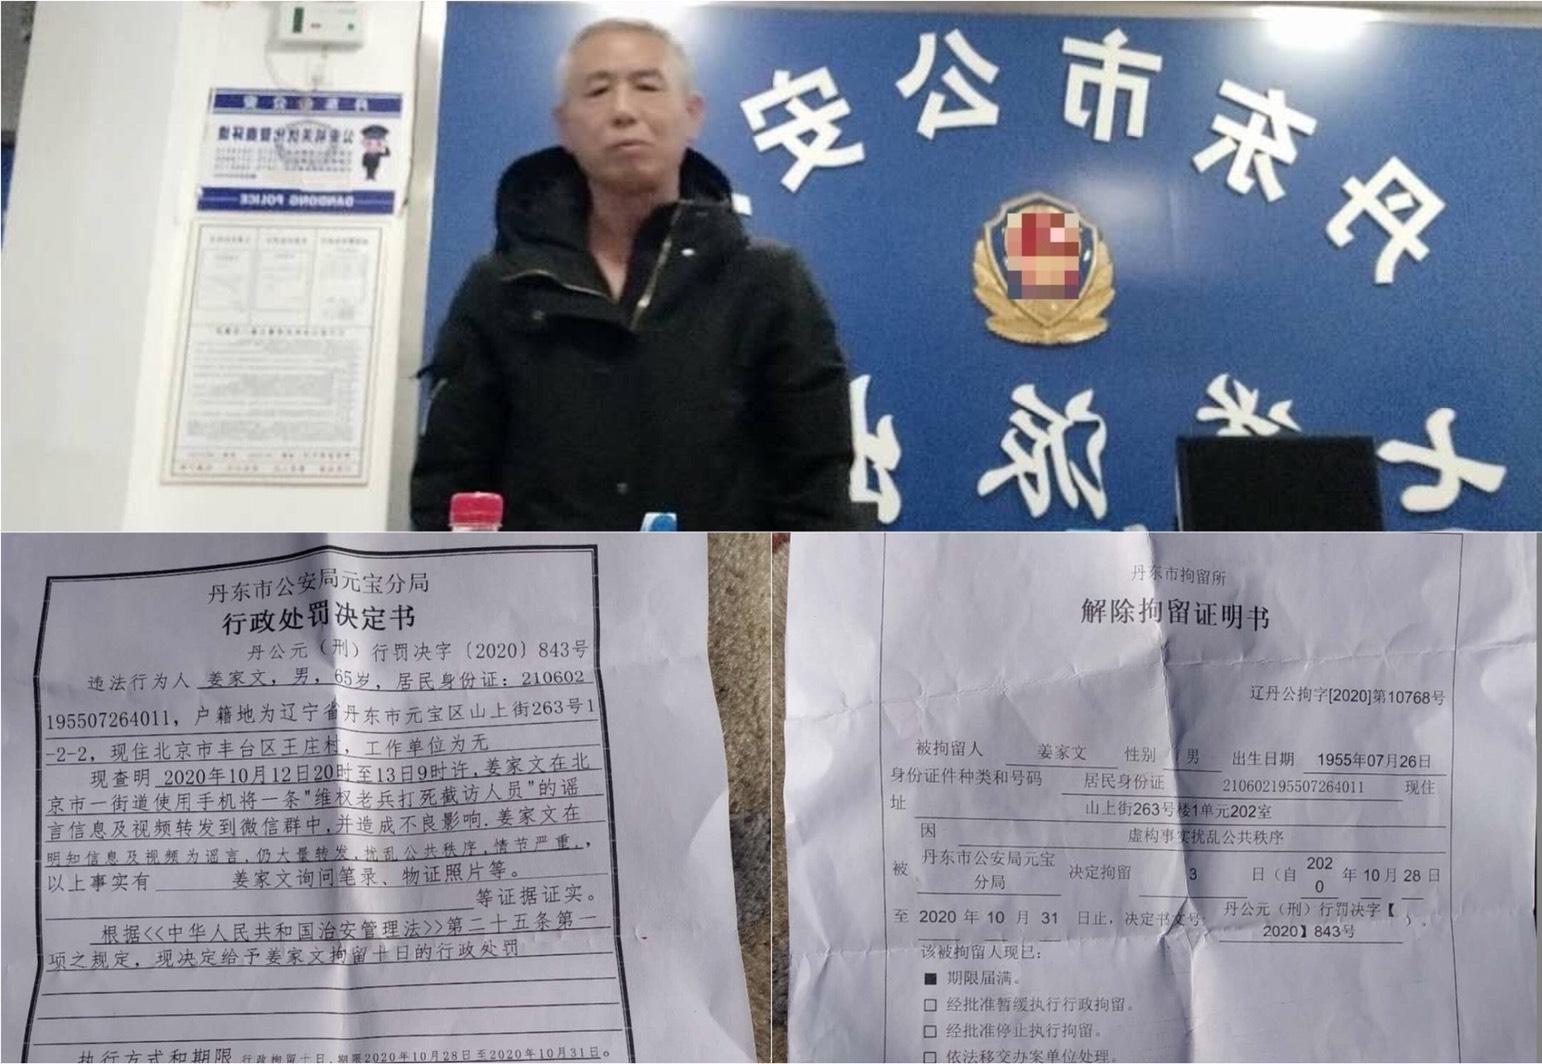 遼寧訪民姜家文因中共五中全會召開期間他在網上轉發的一個影片,被非法拘留10天。(受訪者提供/大紀元合成)